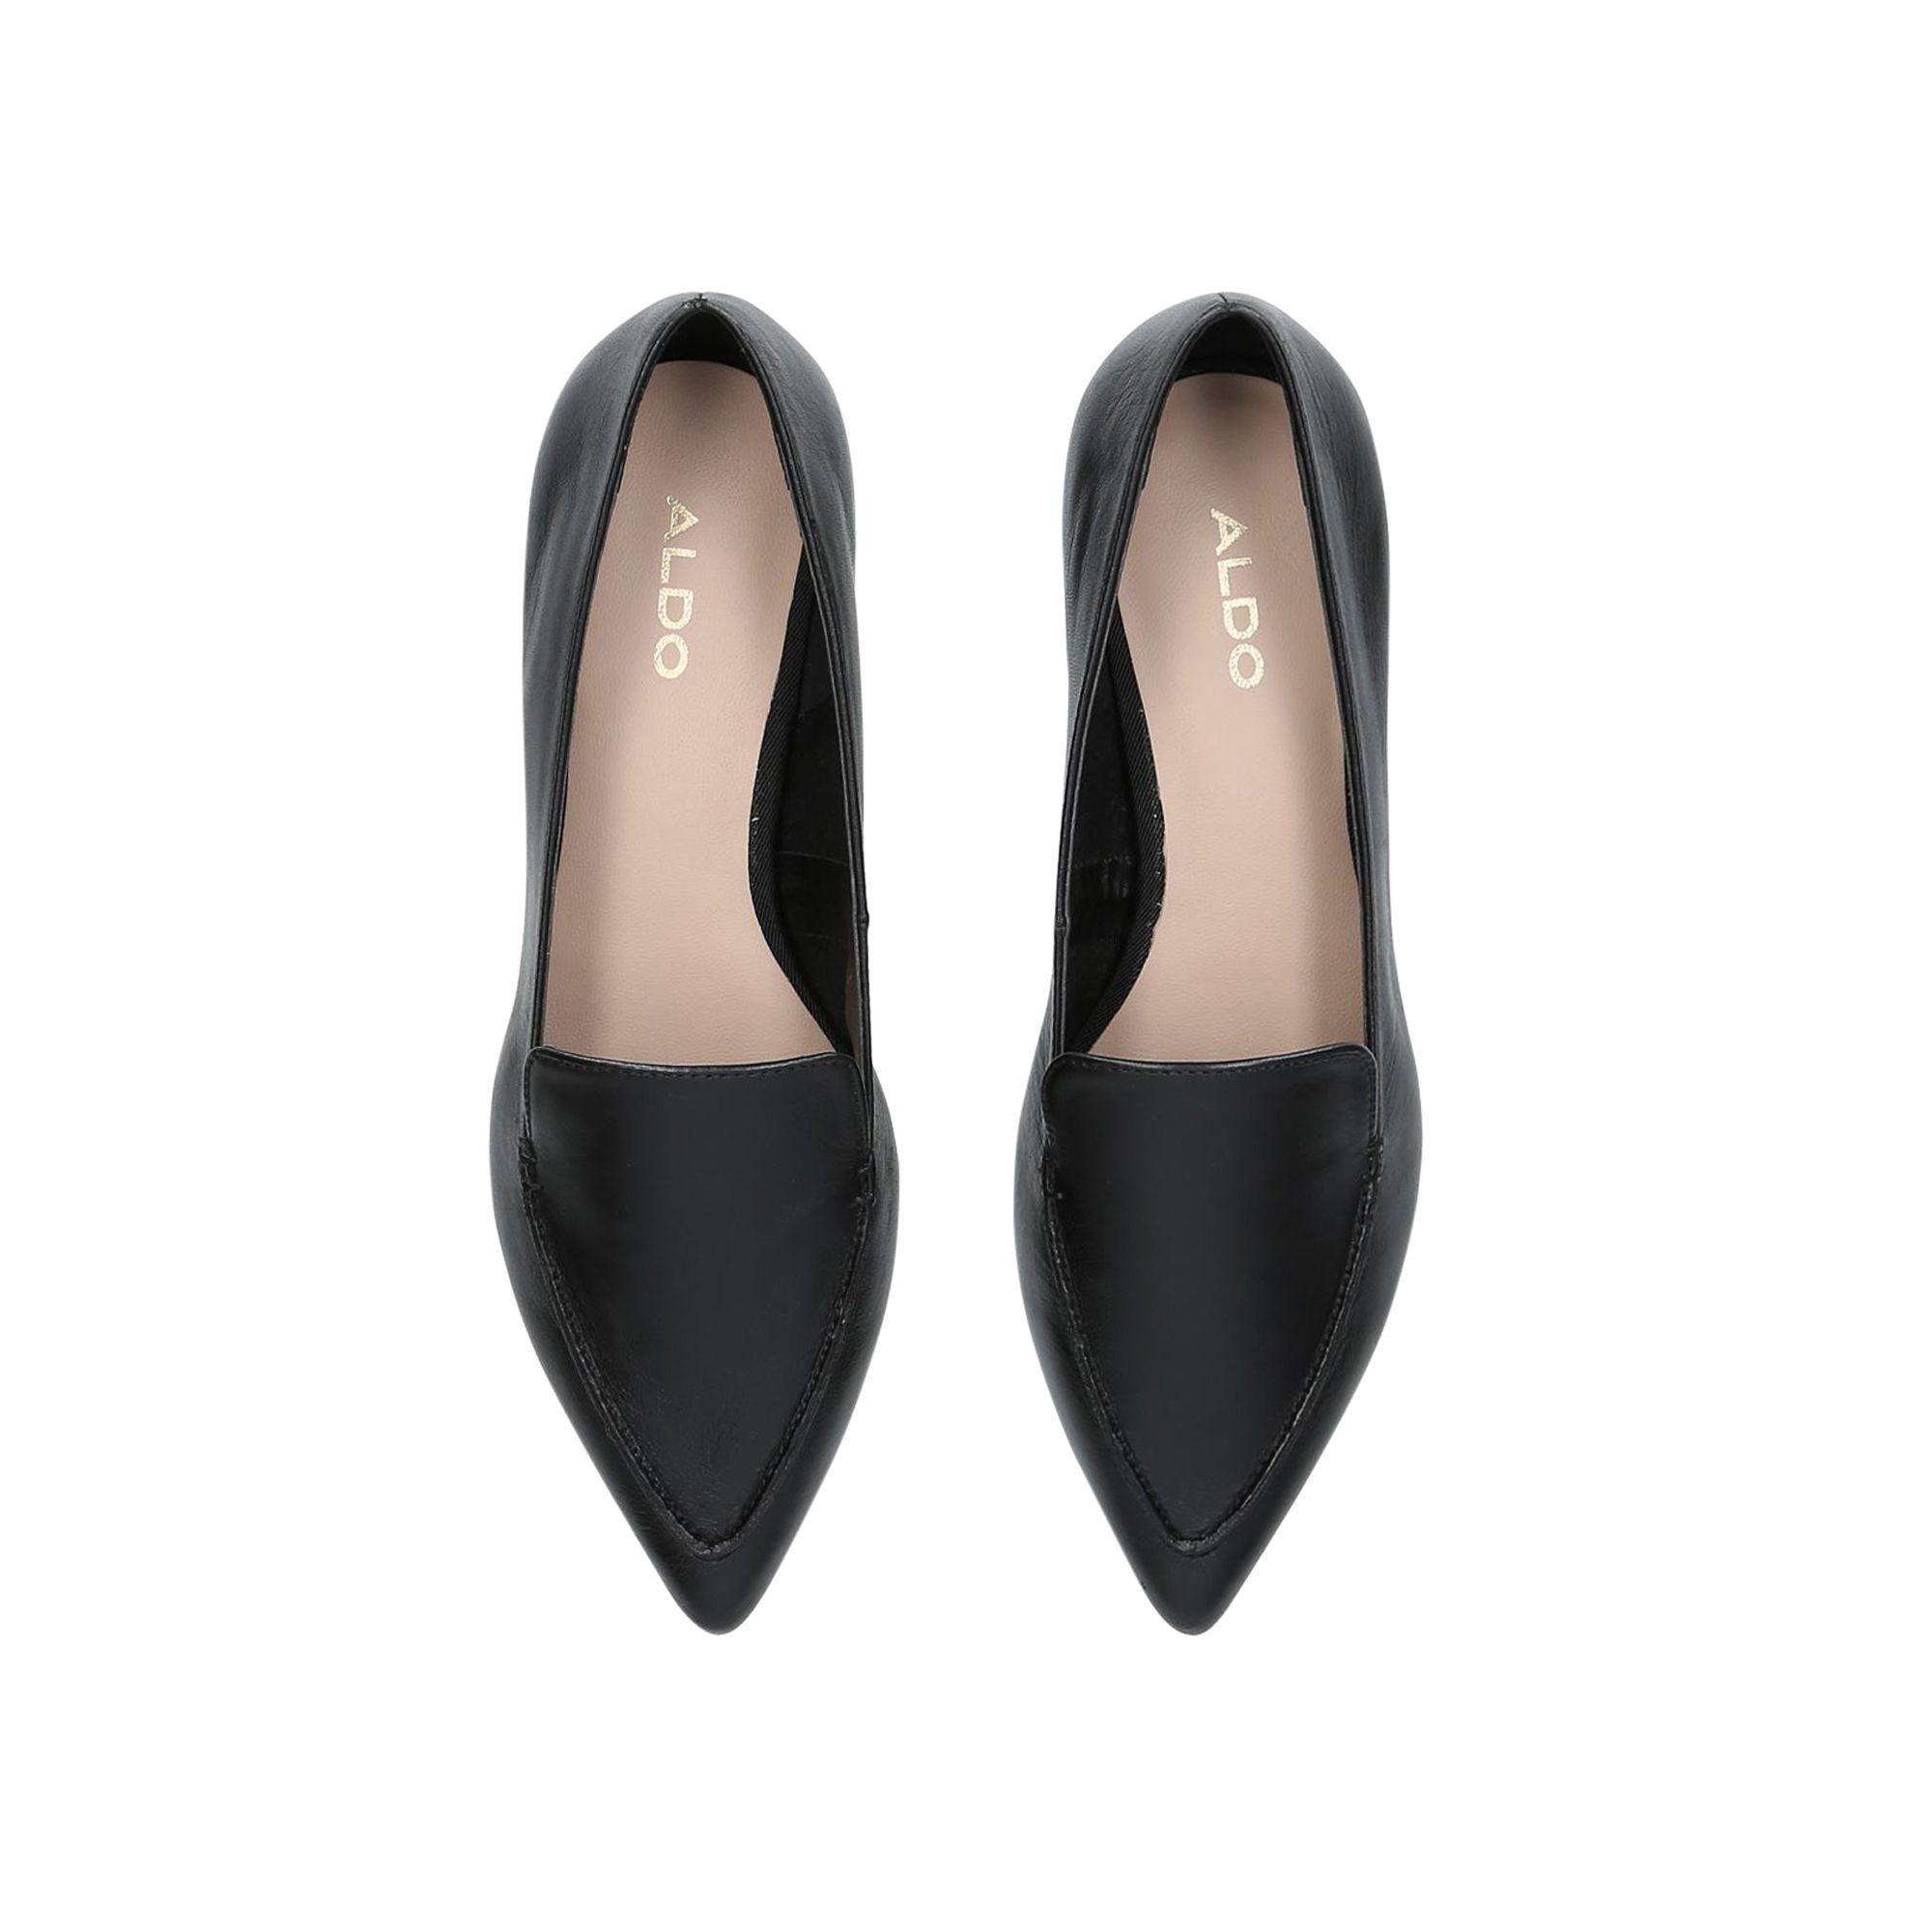 a7f51ae6723 ALDO - Black  gwuryan  Slip On Loafers - Lyst. View fullscreen